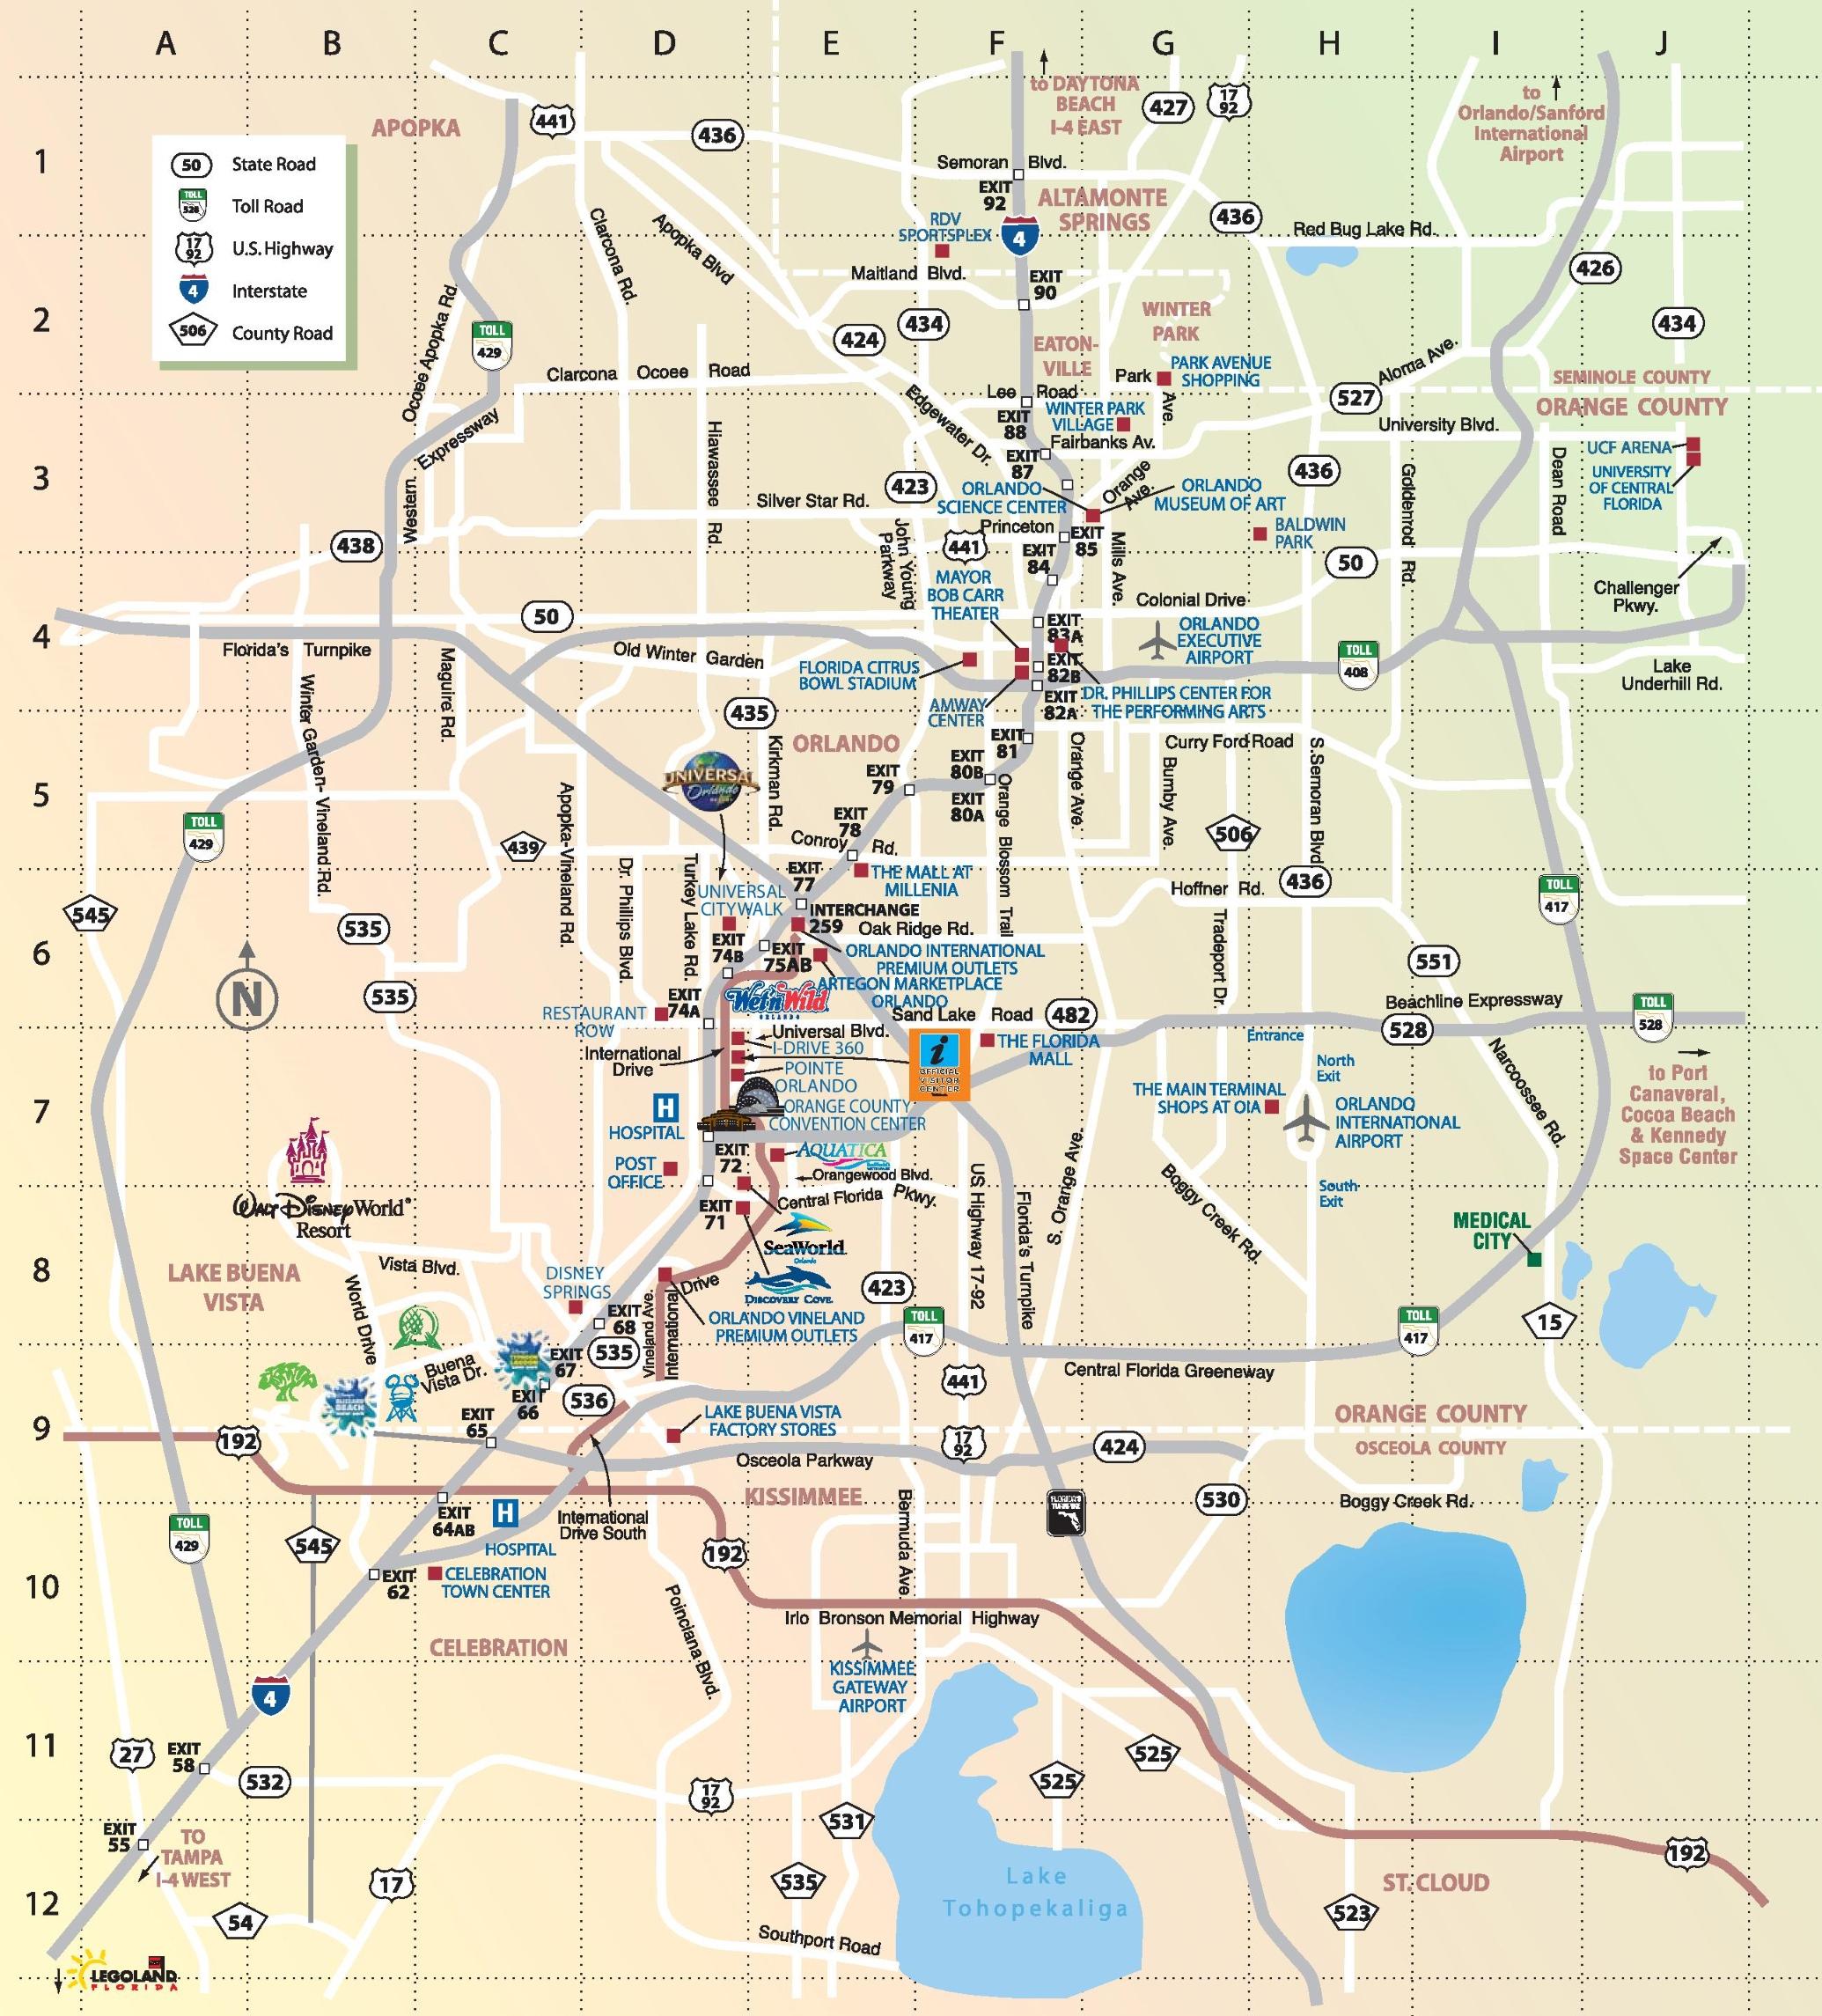 Orlando Maps | Florida, U.s. | Maps Of Orlando - Road Map To Orlando Florida